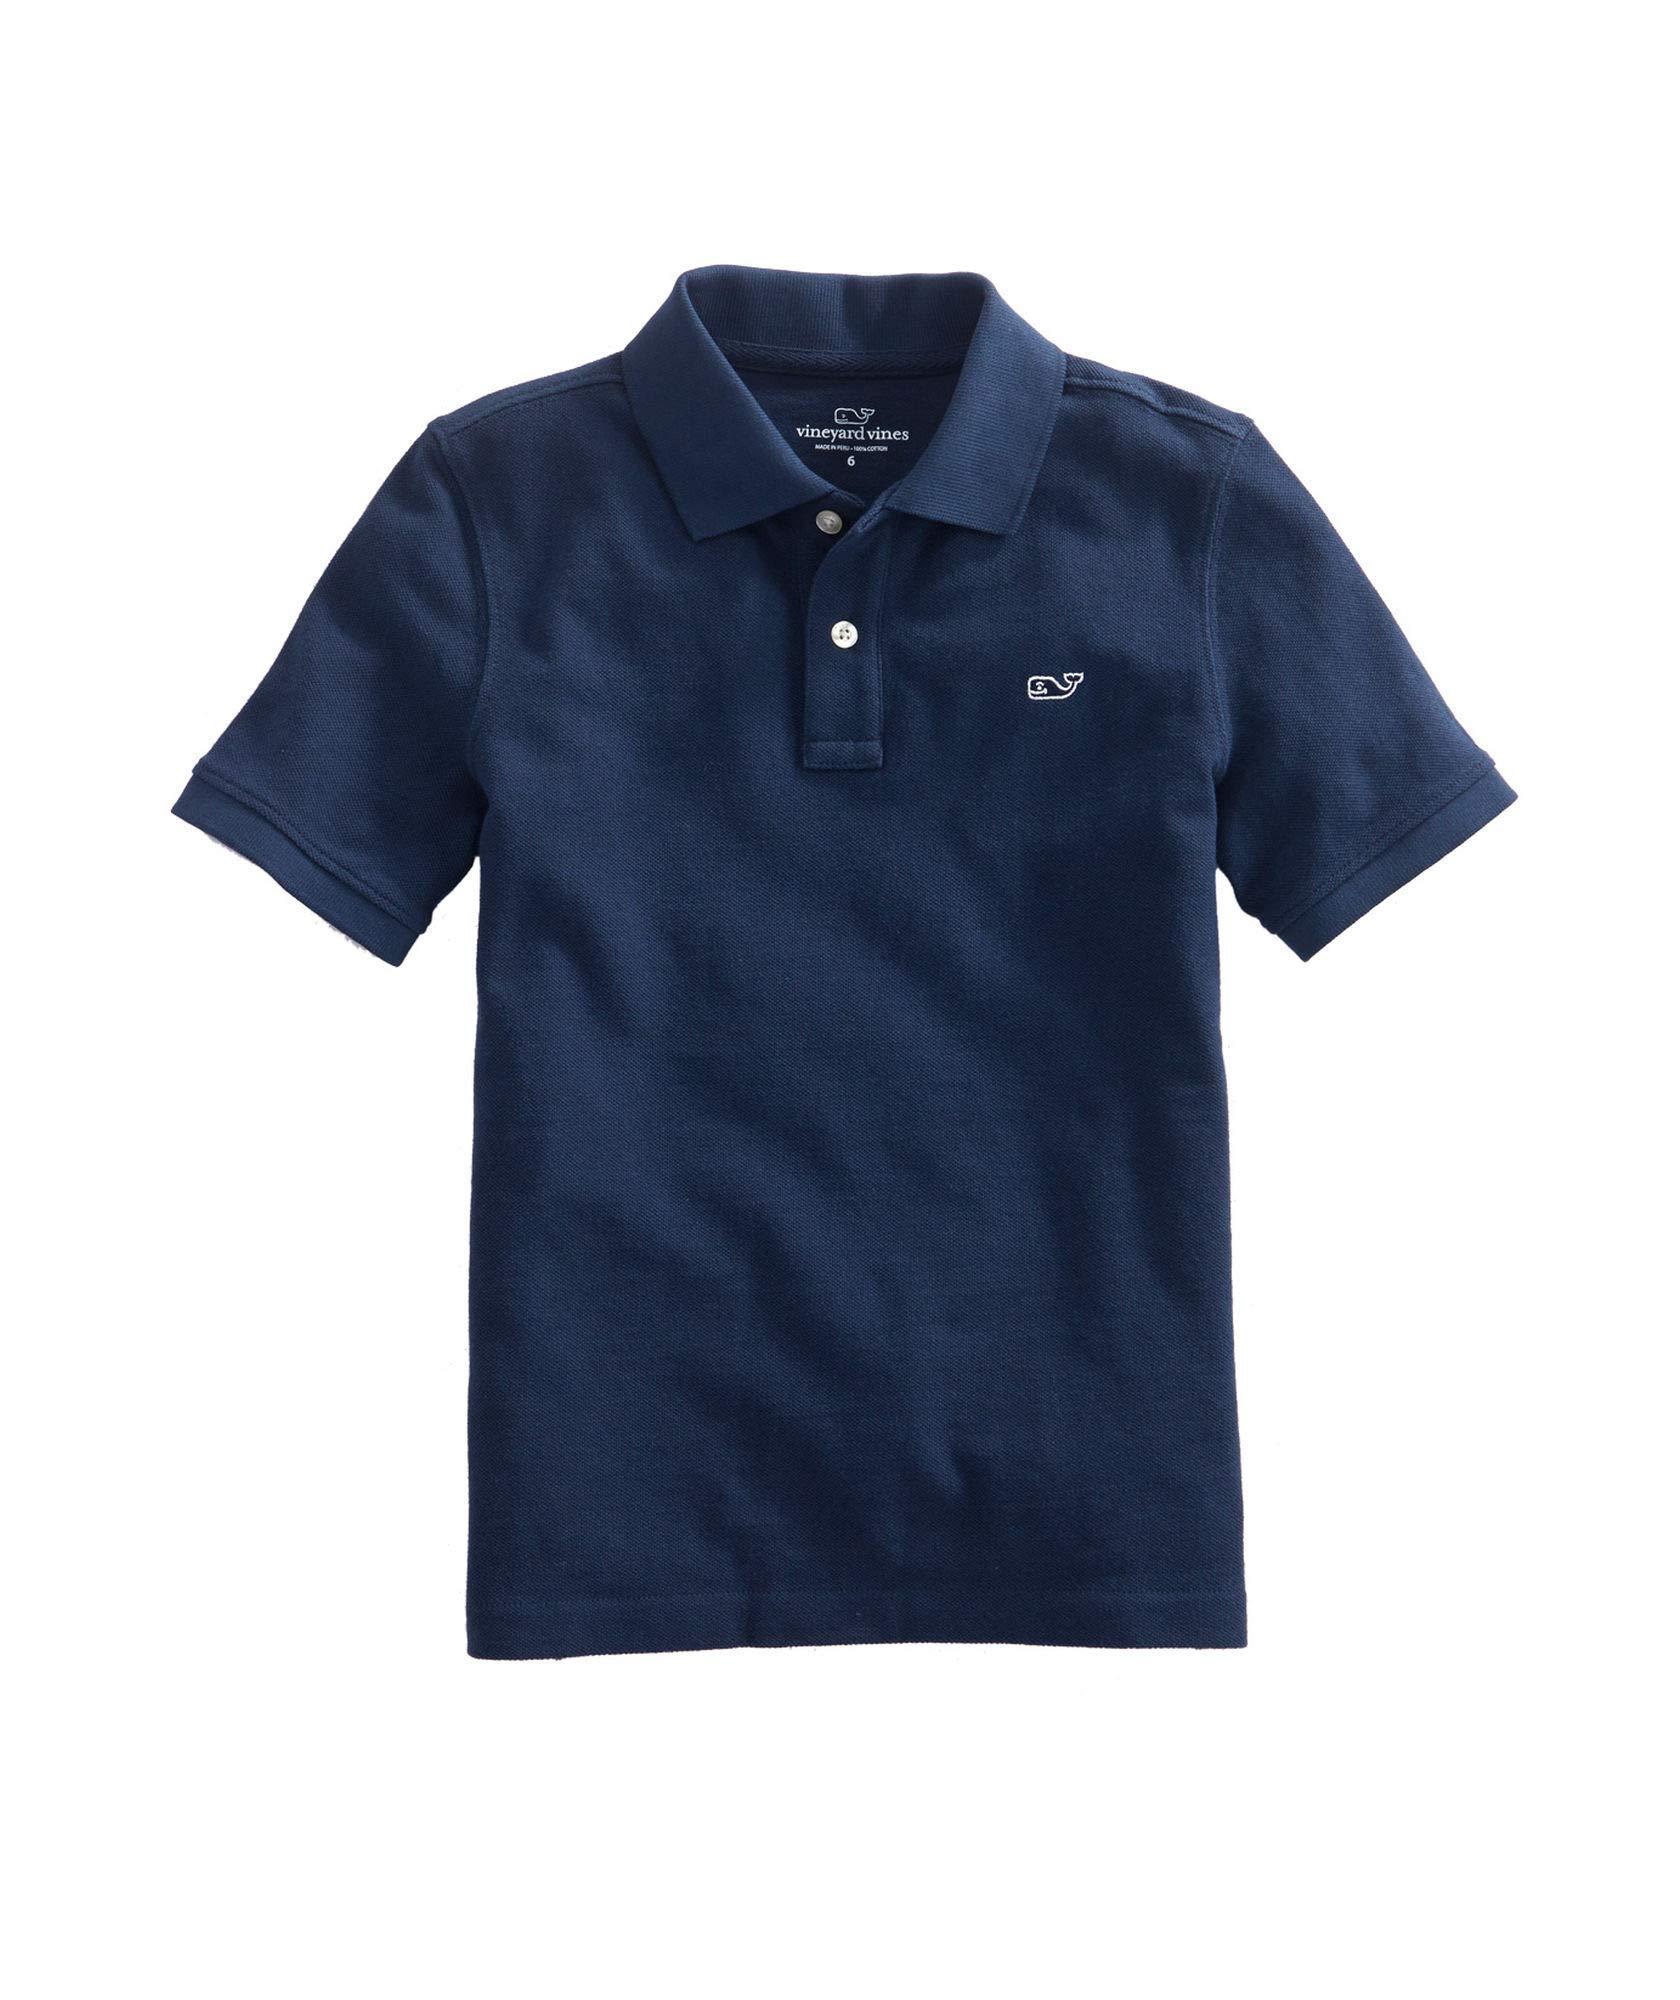 Kid's Pique Short Sleeve Polo